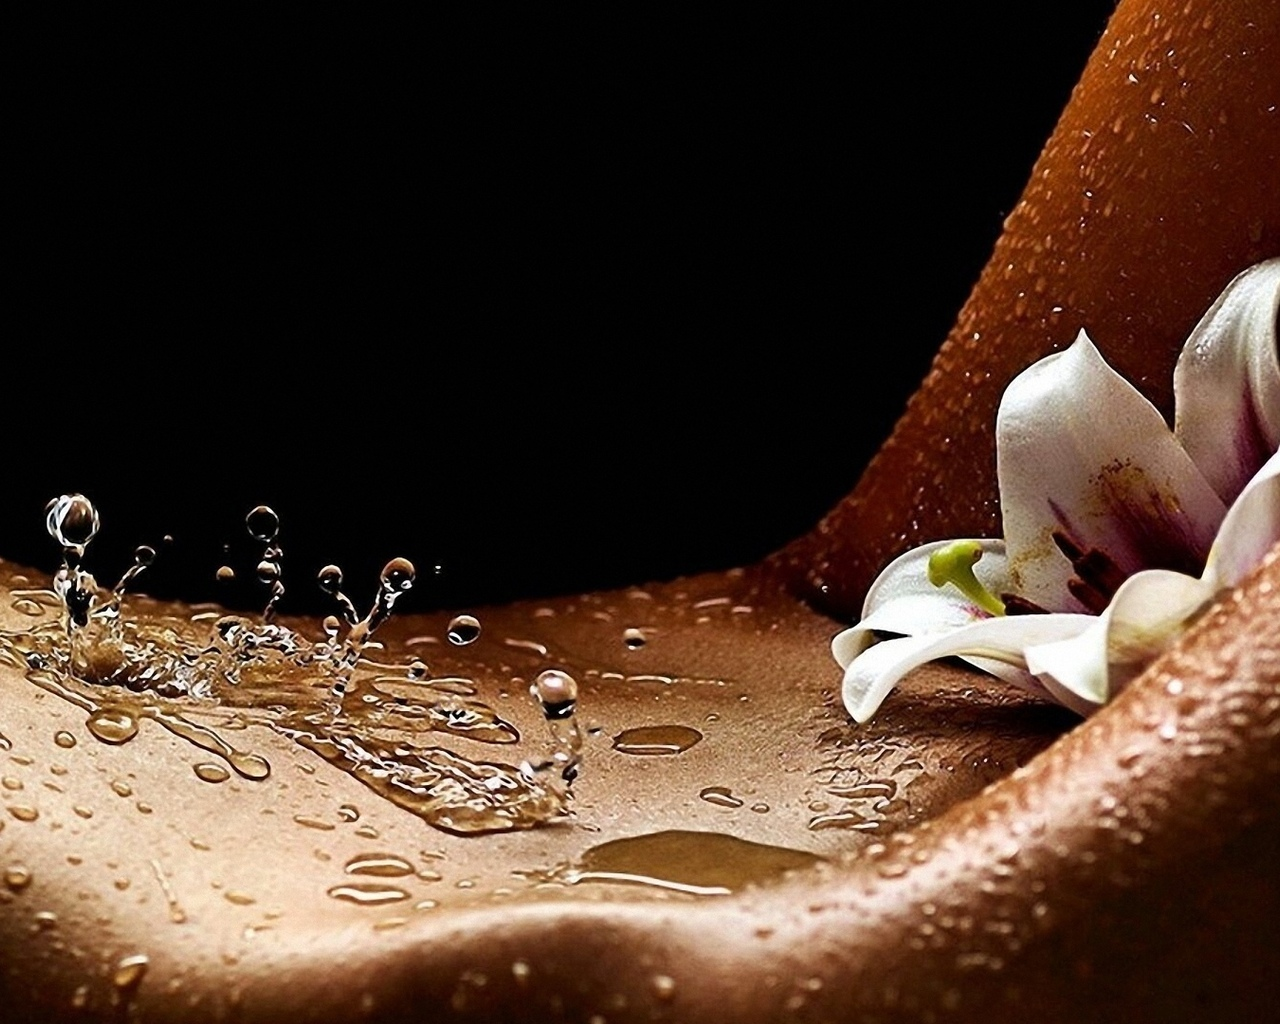 девушка, тело, капли, цветок, лобок